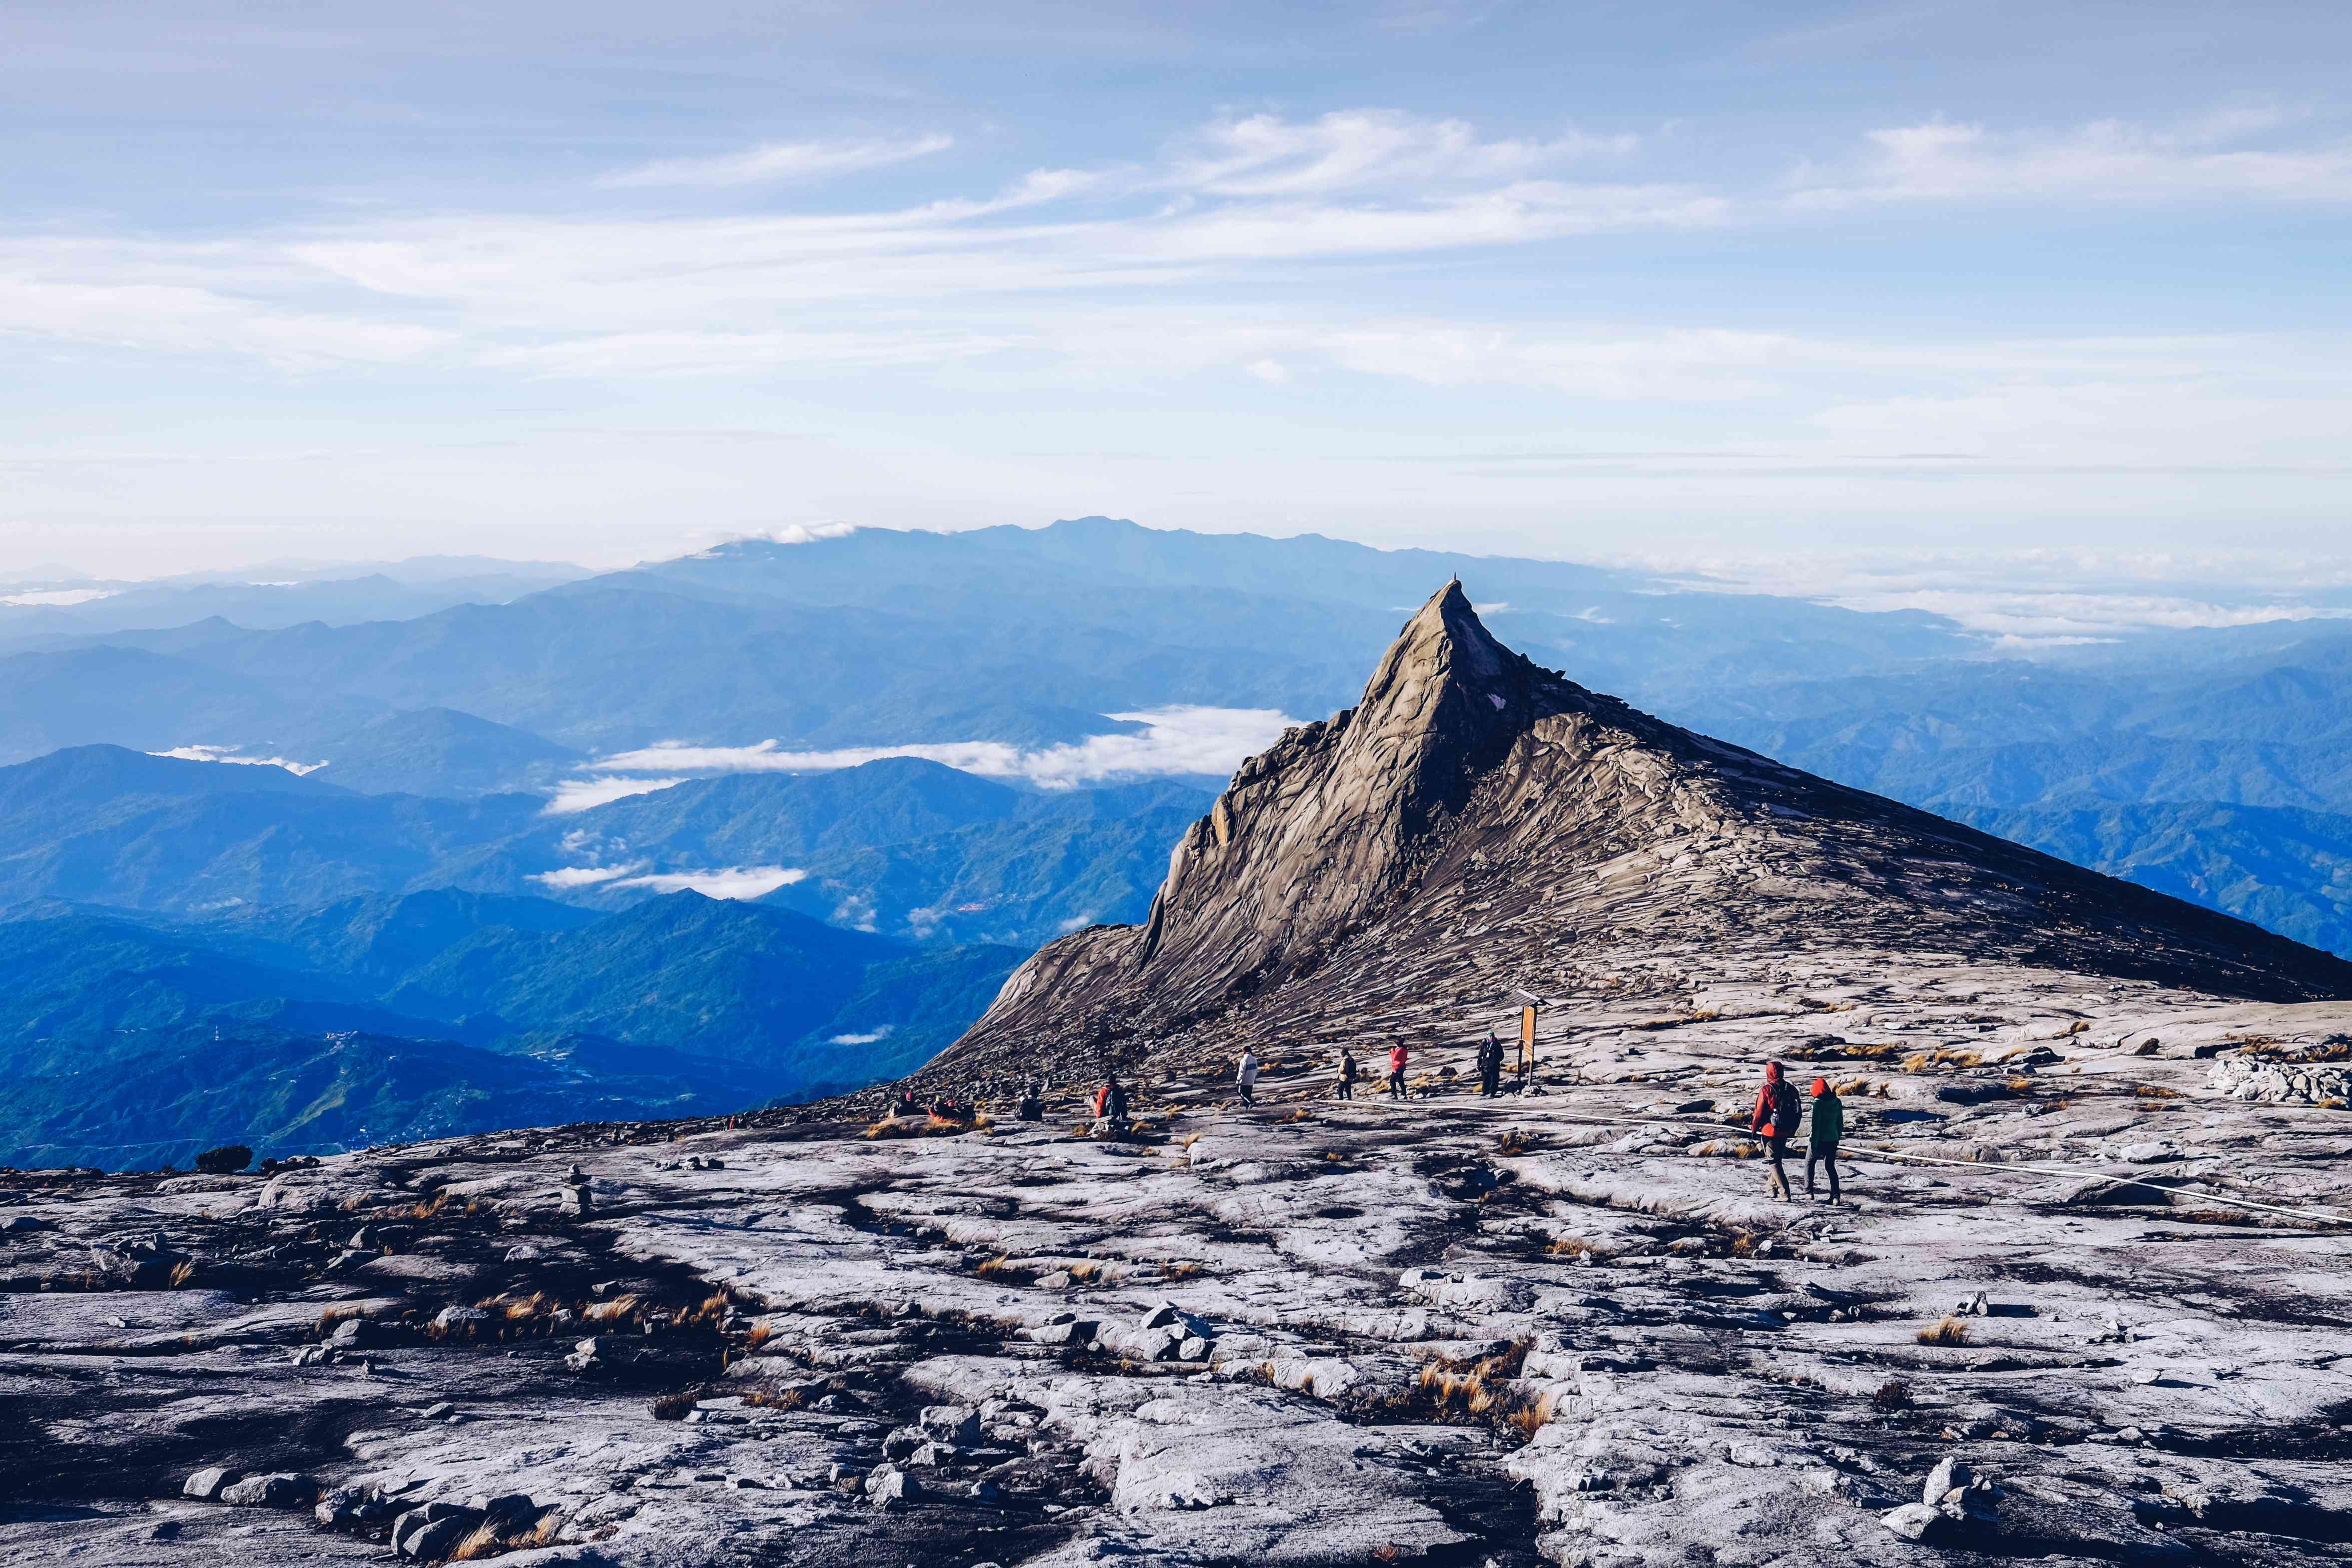 Hikers on Mount Kinabalu in Borneo